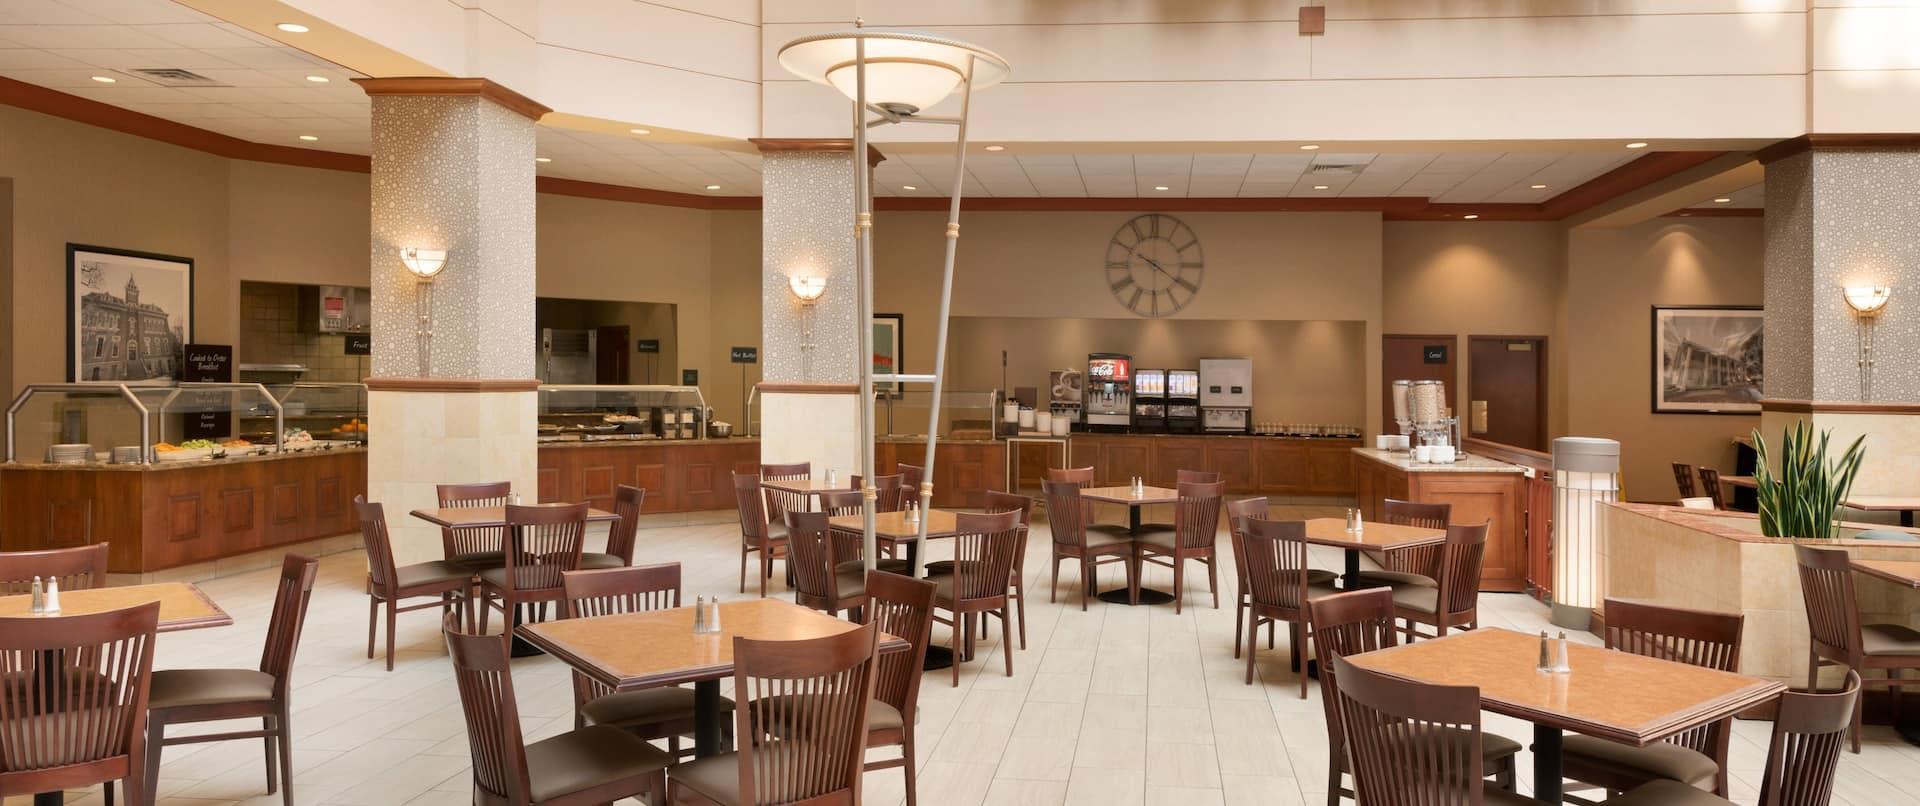 Breakfast Area Dining Area